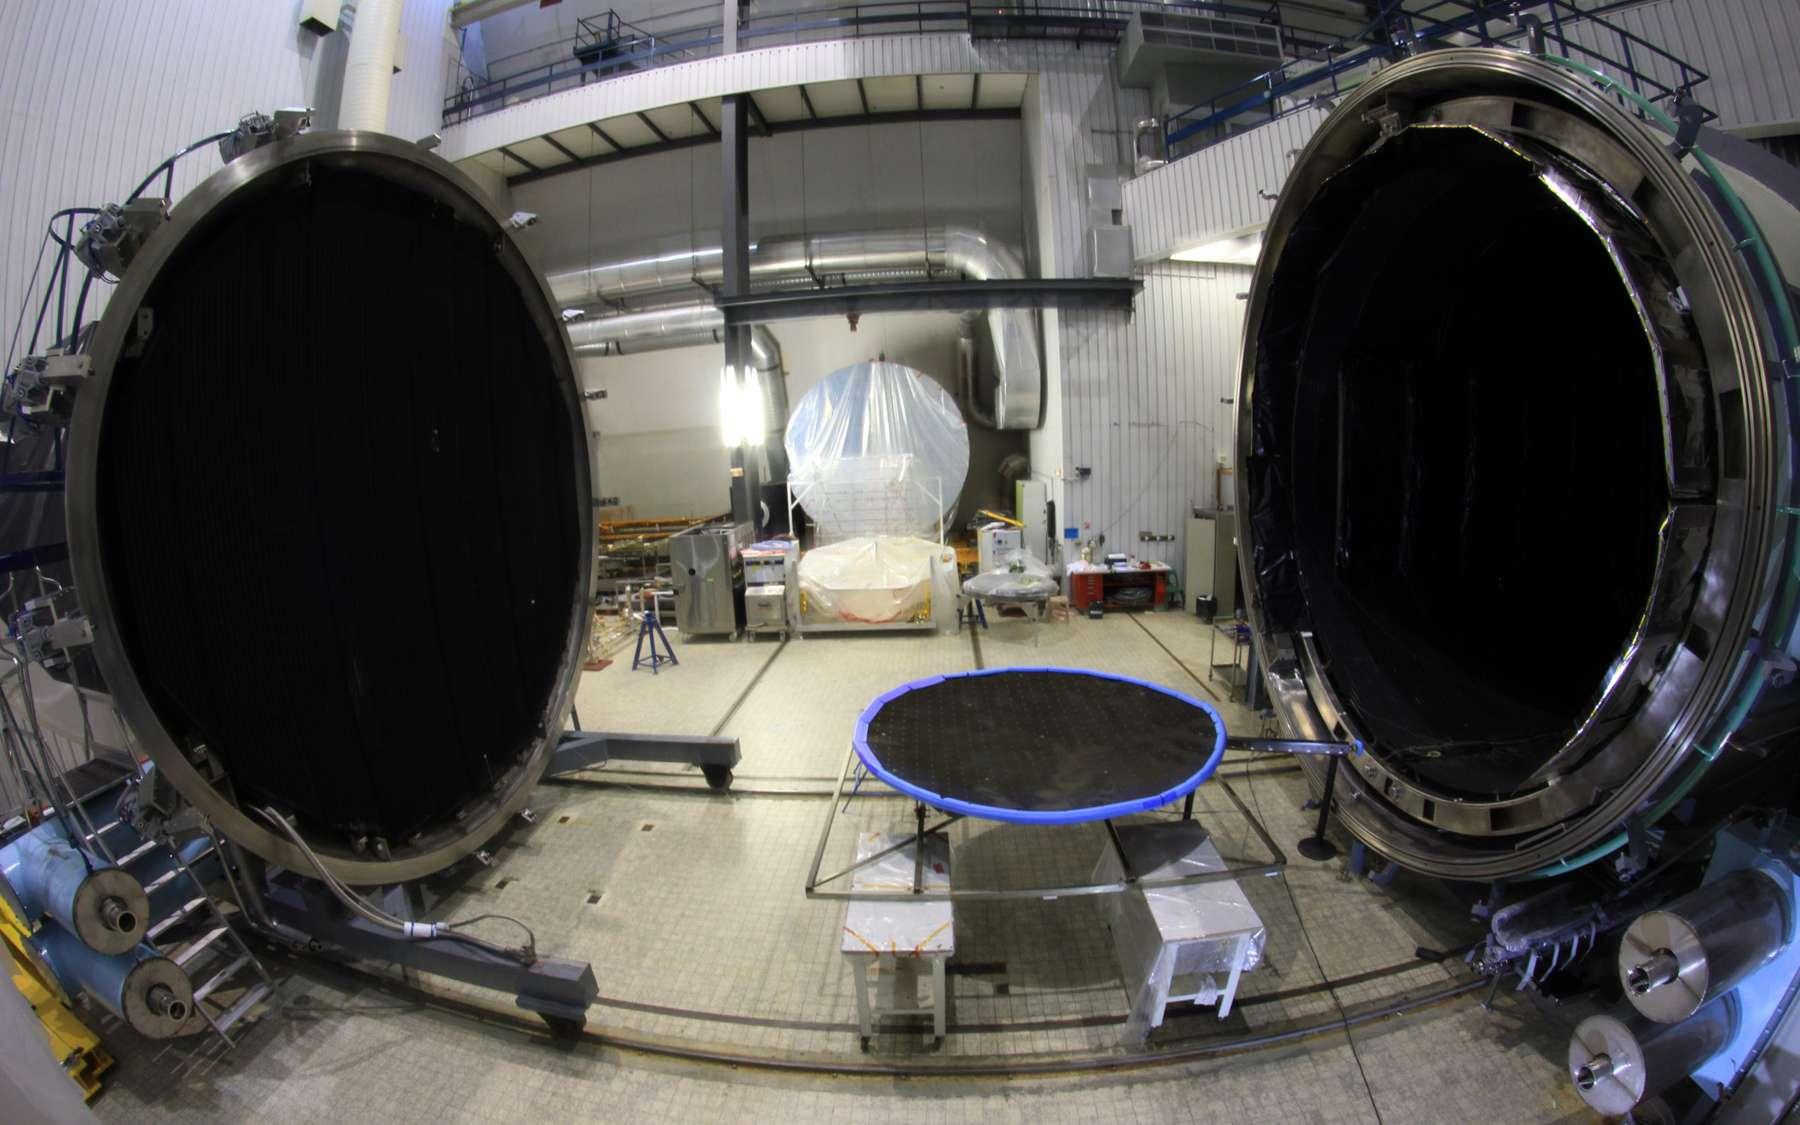 Cette nouvelle chambre à vide était une annexe dans laquelle se trouvait le dispositif de pompage et le miroir de collimation de Simles, une chambre de simulation spatiale du centre d'essais de Toulouse. © Intespace